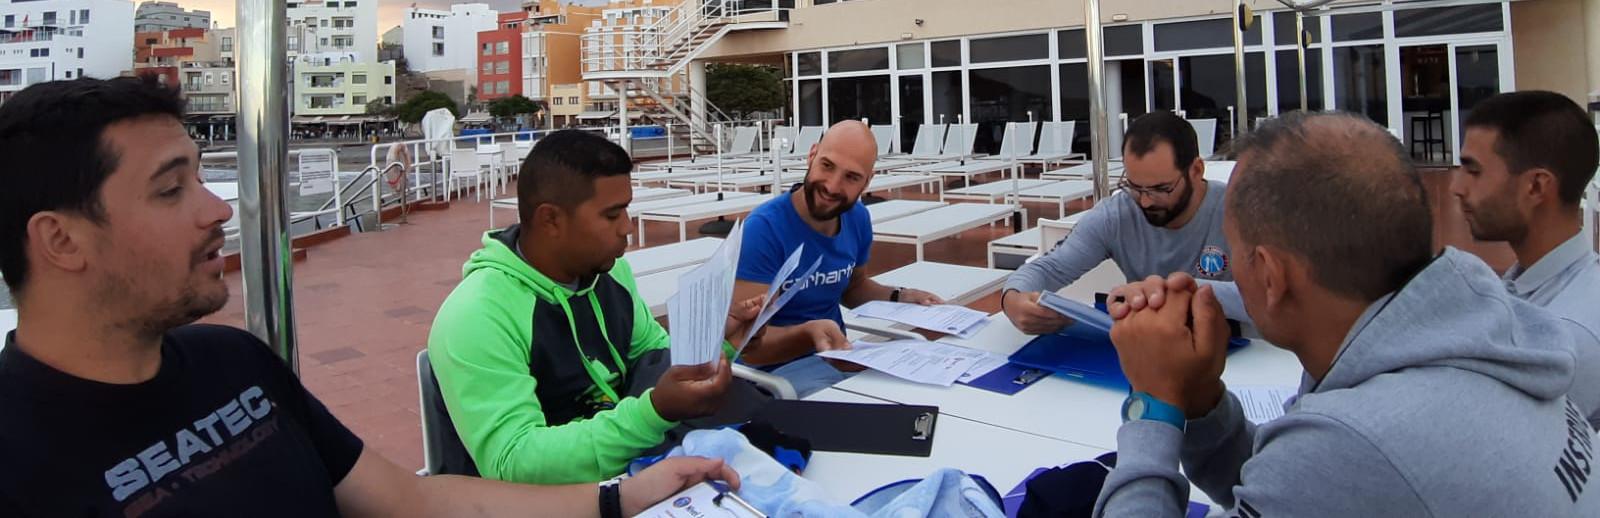 instructores de apnea en Tenerife estudiando